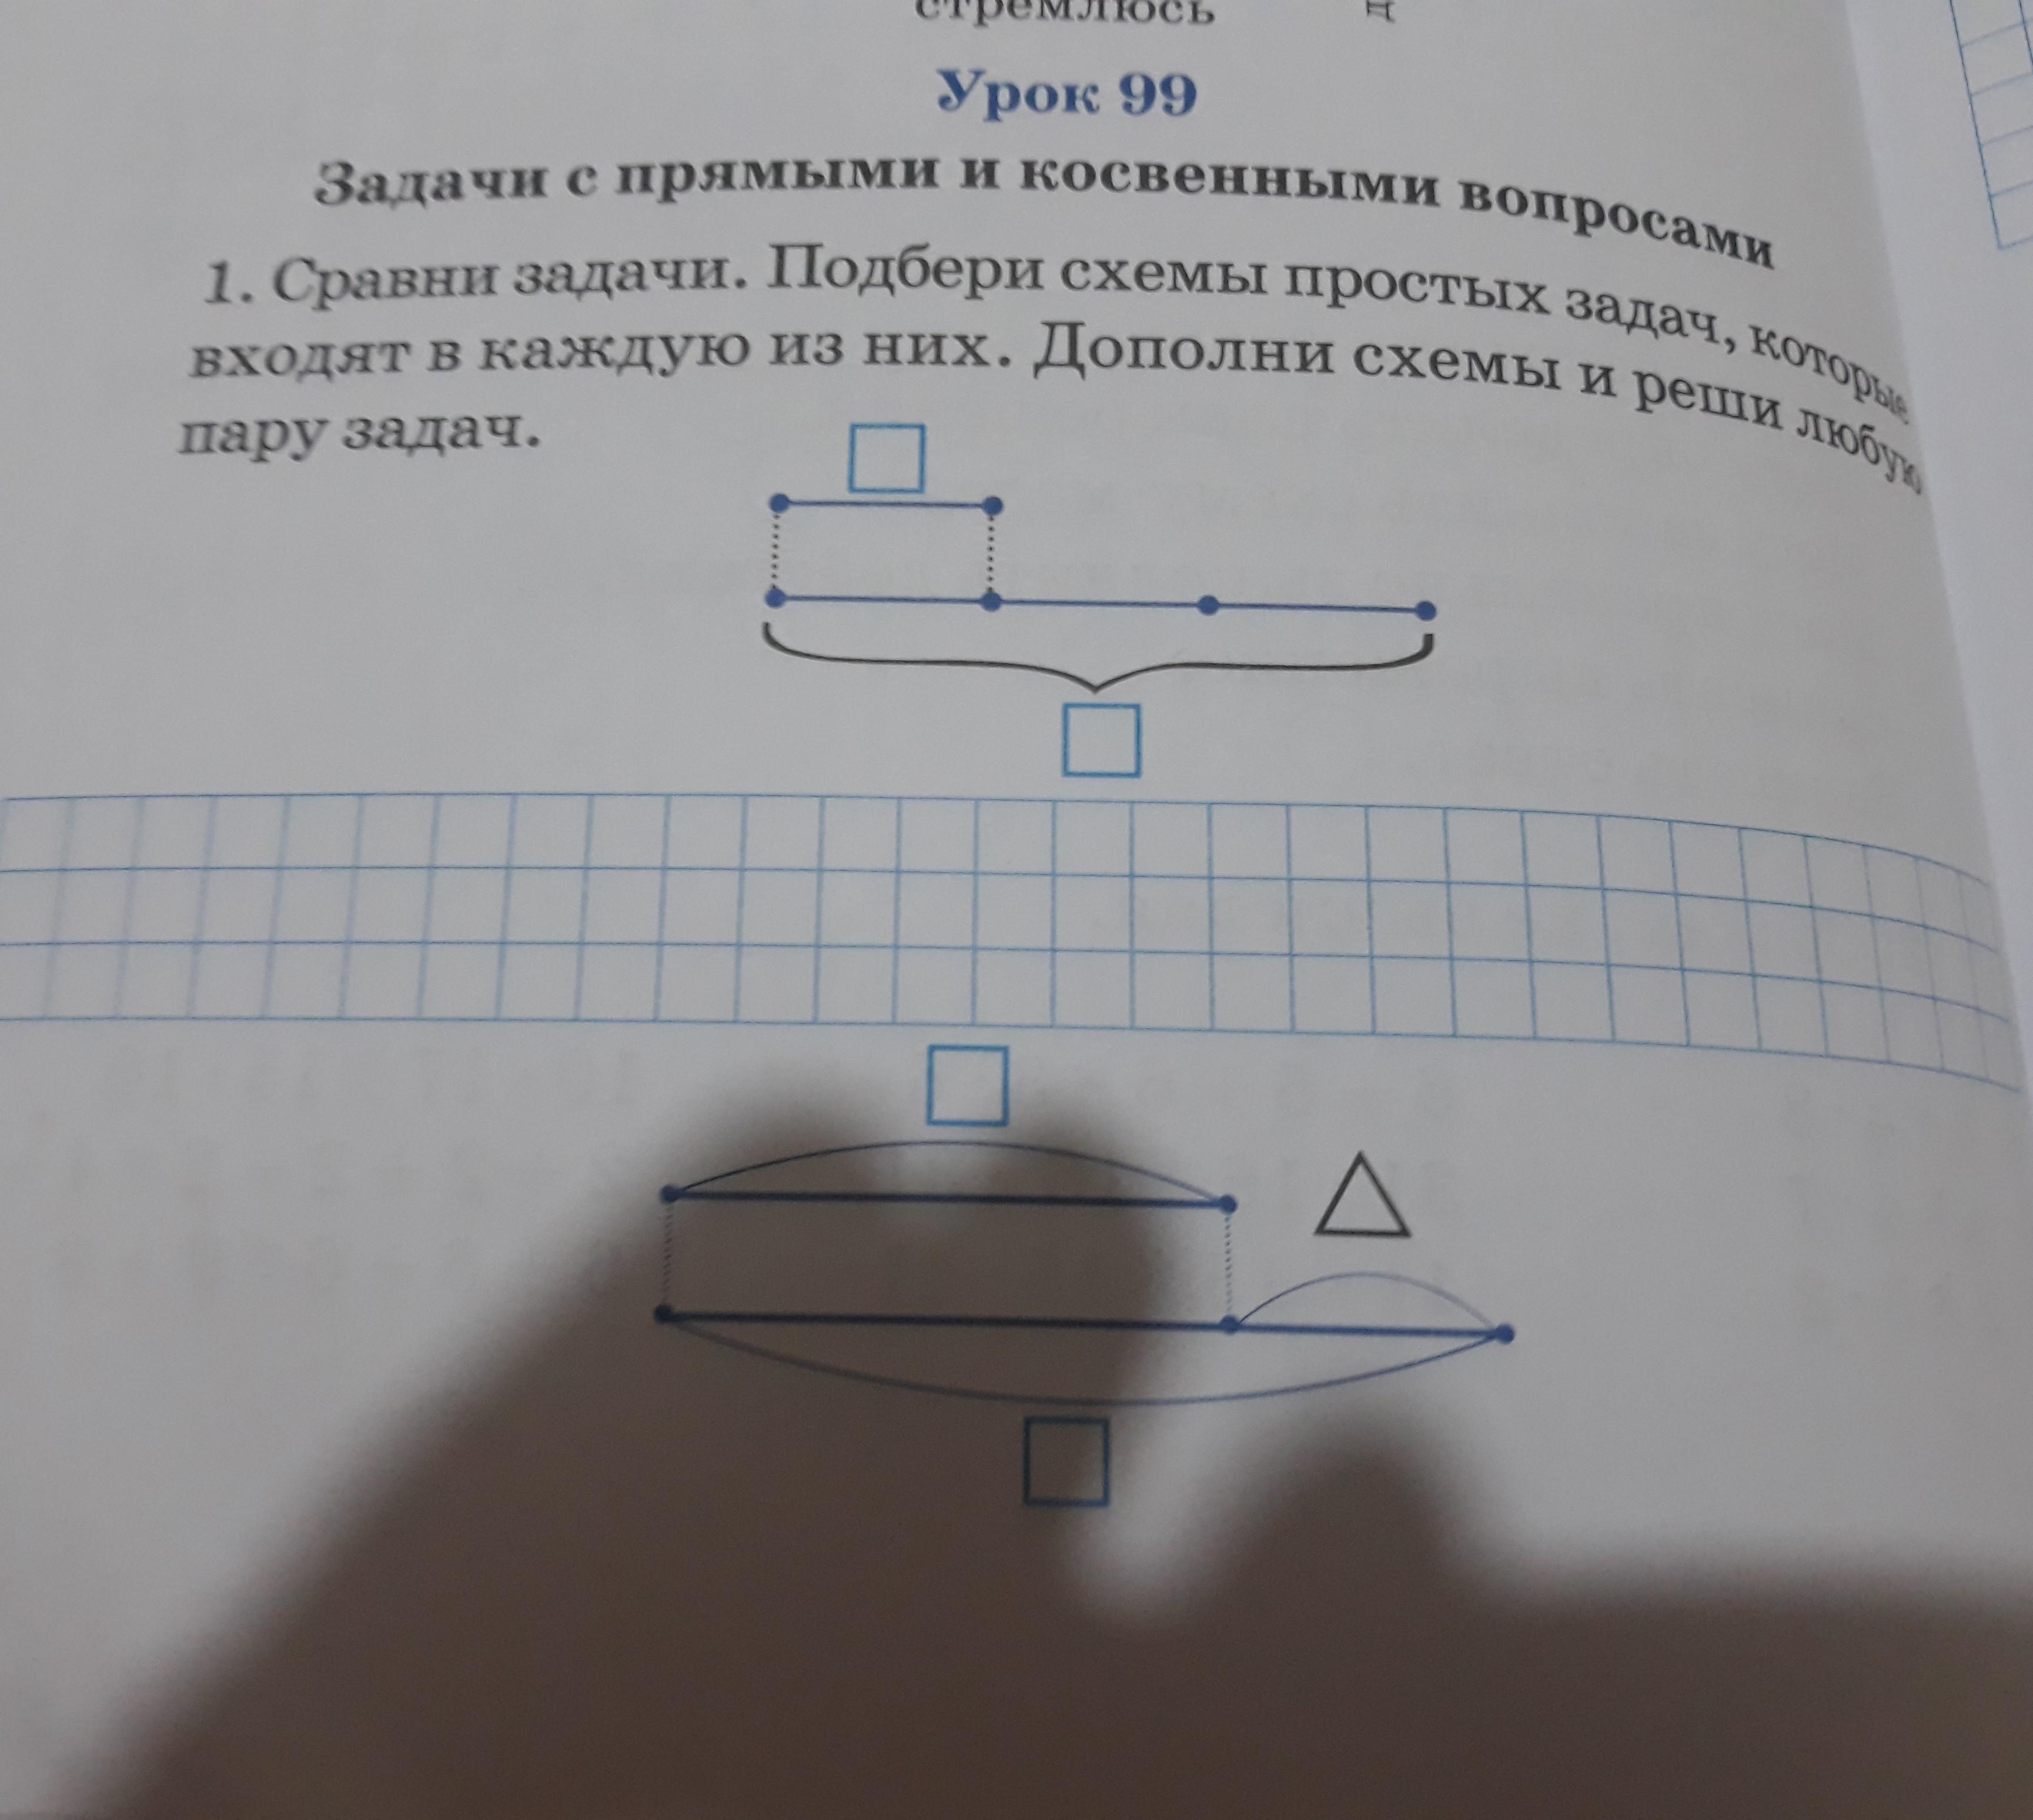 Решение задач косвенных 3 класс решение задач из лукашика по физике 7